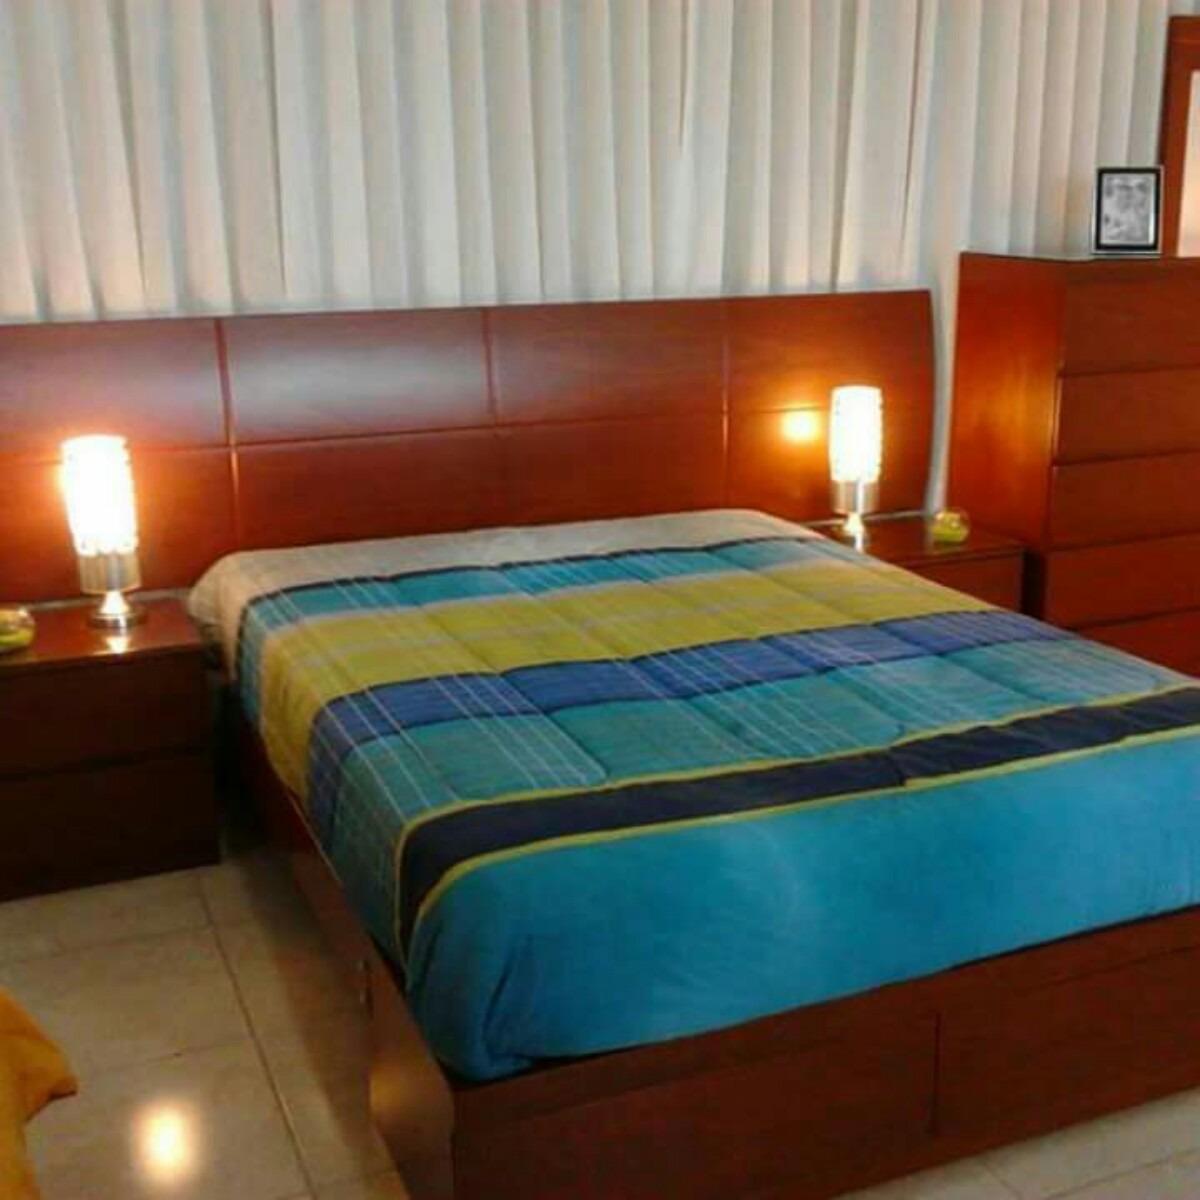 Juego De Dormitorio De 3 Plazas S En Mercado Libre